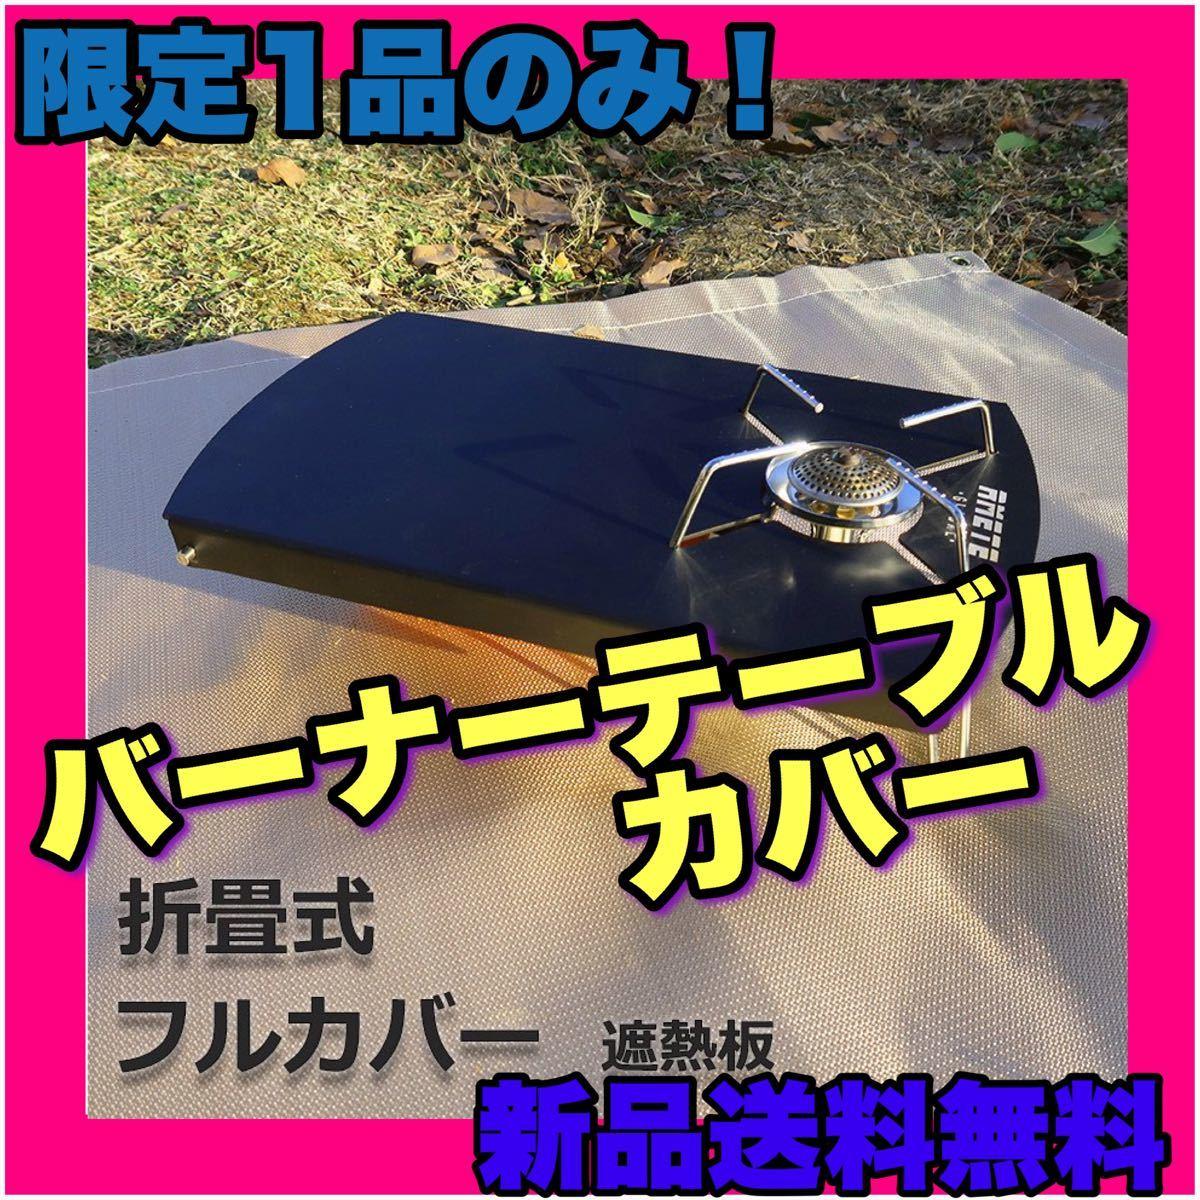 バーナーテーブル シングル 遮熱板 折畳式テーブル シングルバーナー フルカバー